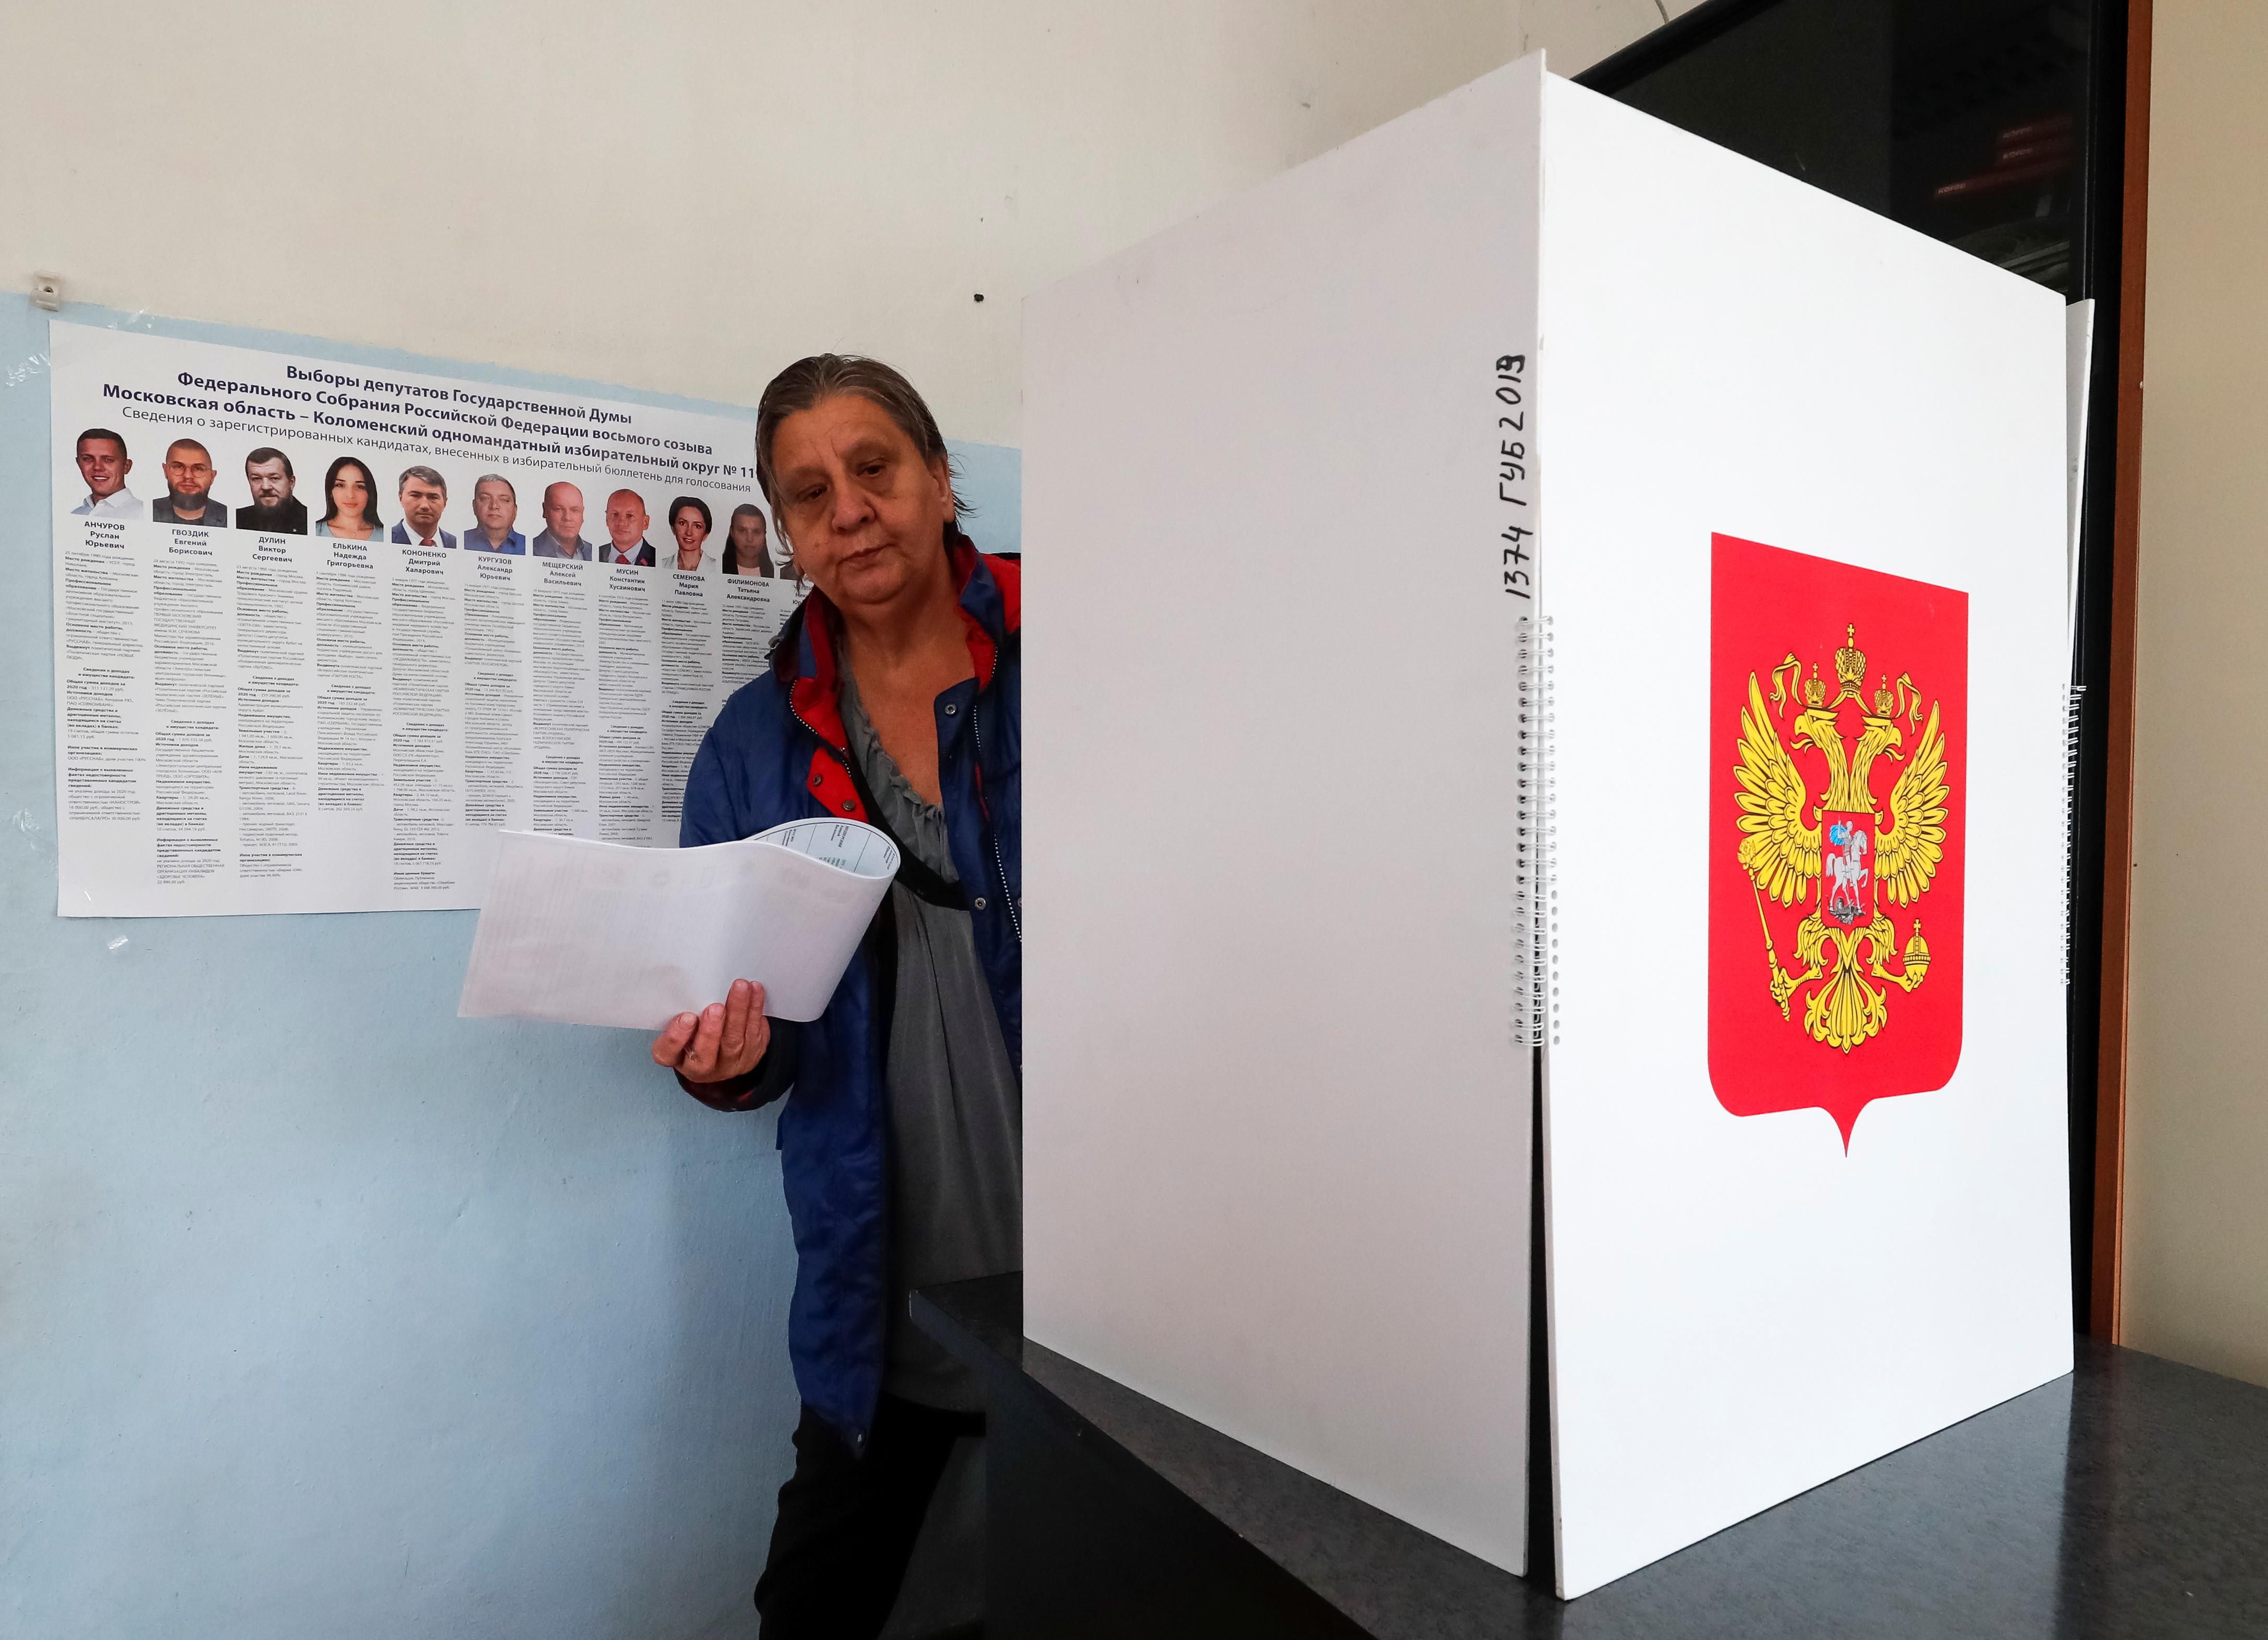 Comissão Eleitoral russa denuncia ciberataques do exterior nas eleições legislativas